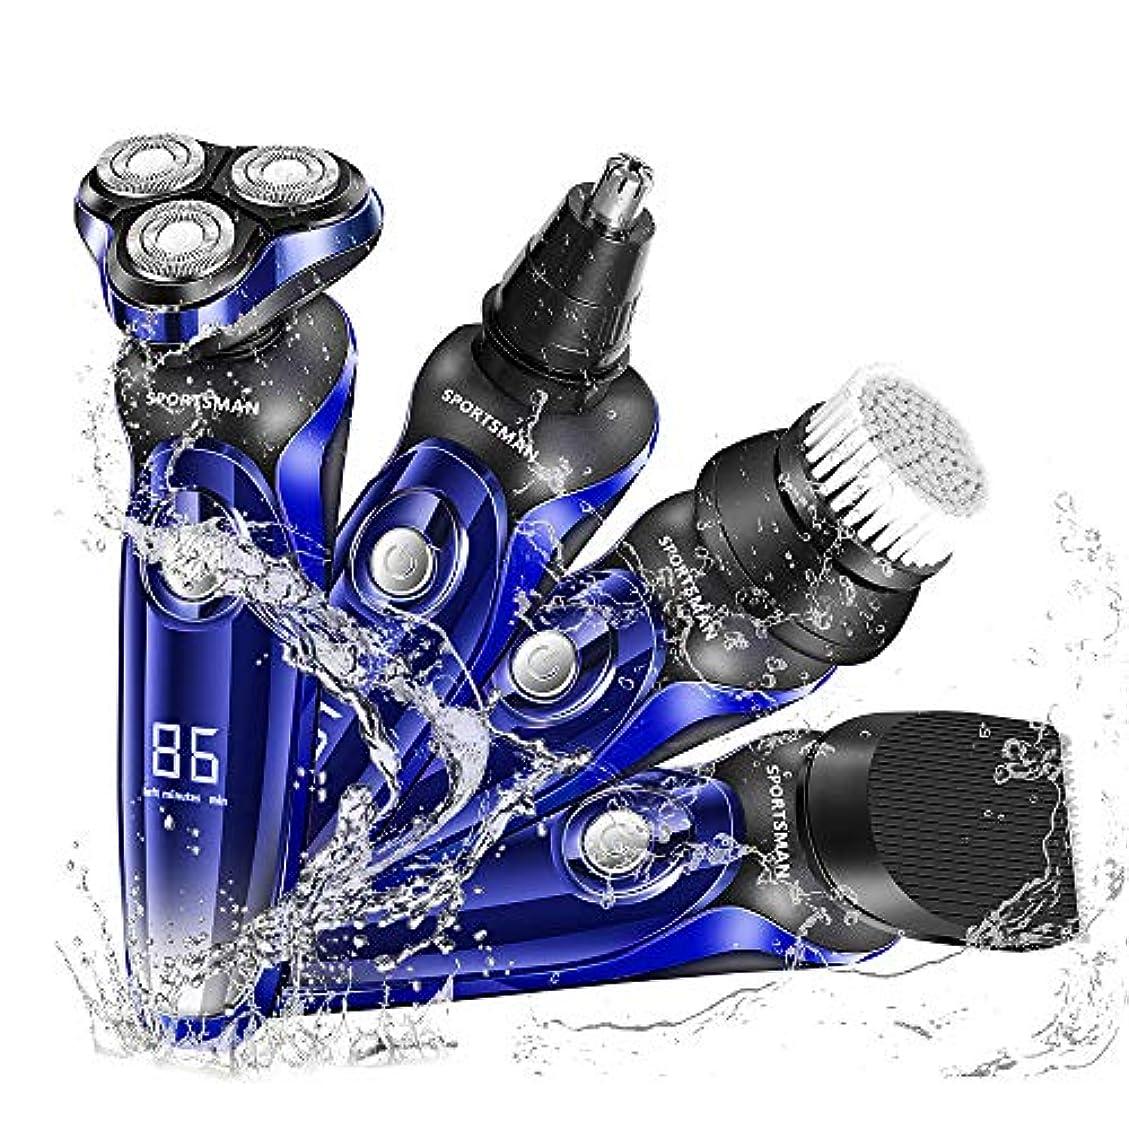 相互接続継承学部長シェーバー 電気シェーバー 電動シェーバー メンズ 髭剃り 電動バリカン 一台四役 鼻毛カッター 洗顔ブラシ付き 回転式ロータ リシェーバー USB充電式 LEDディスプレイ IPX7防水 丸洗い可